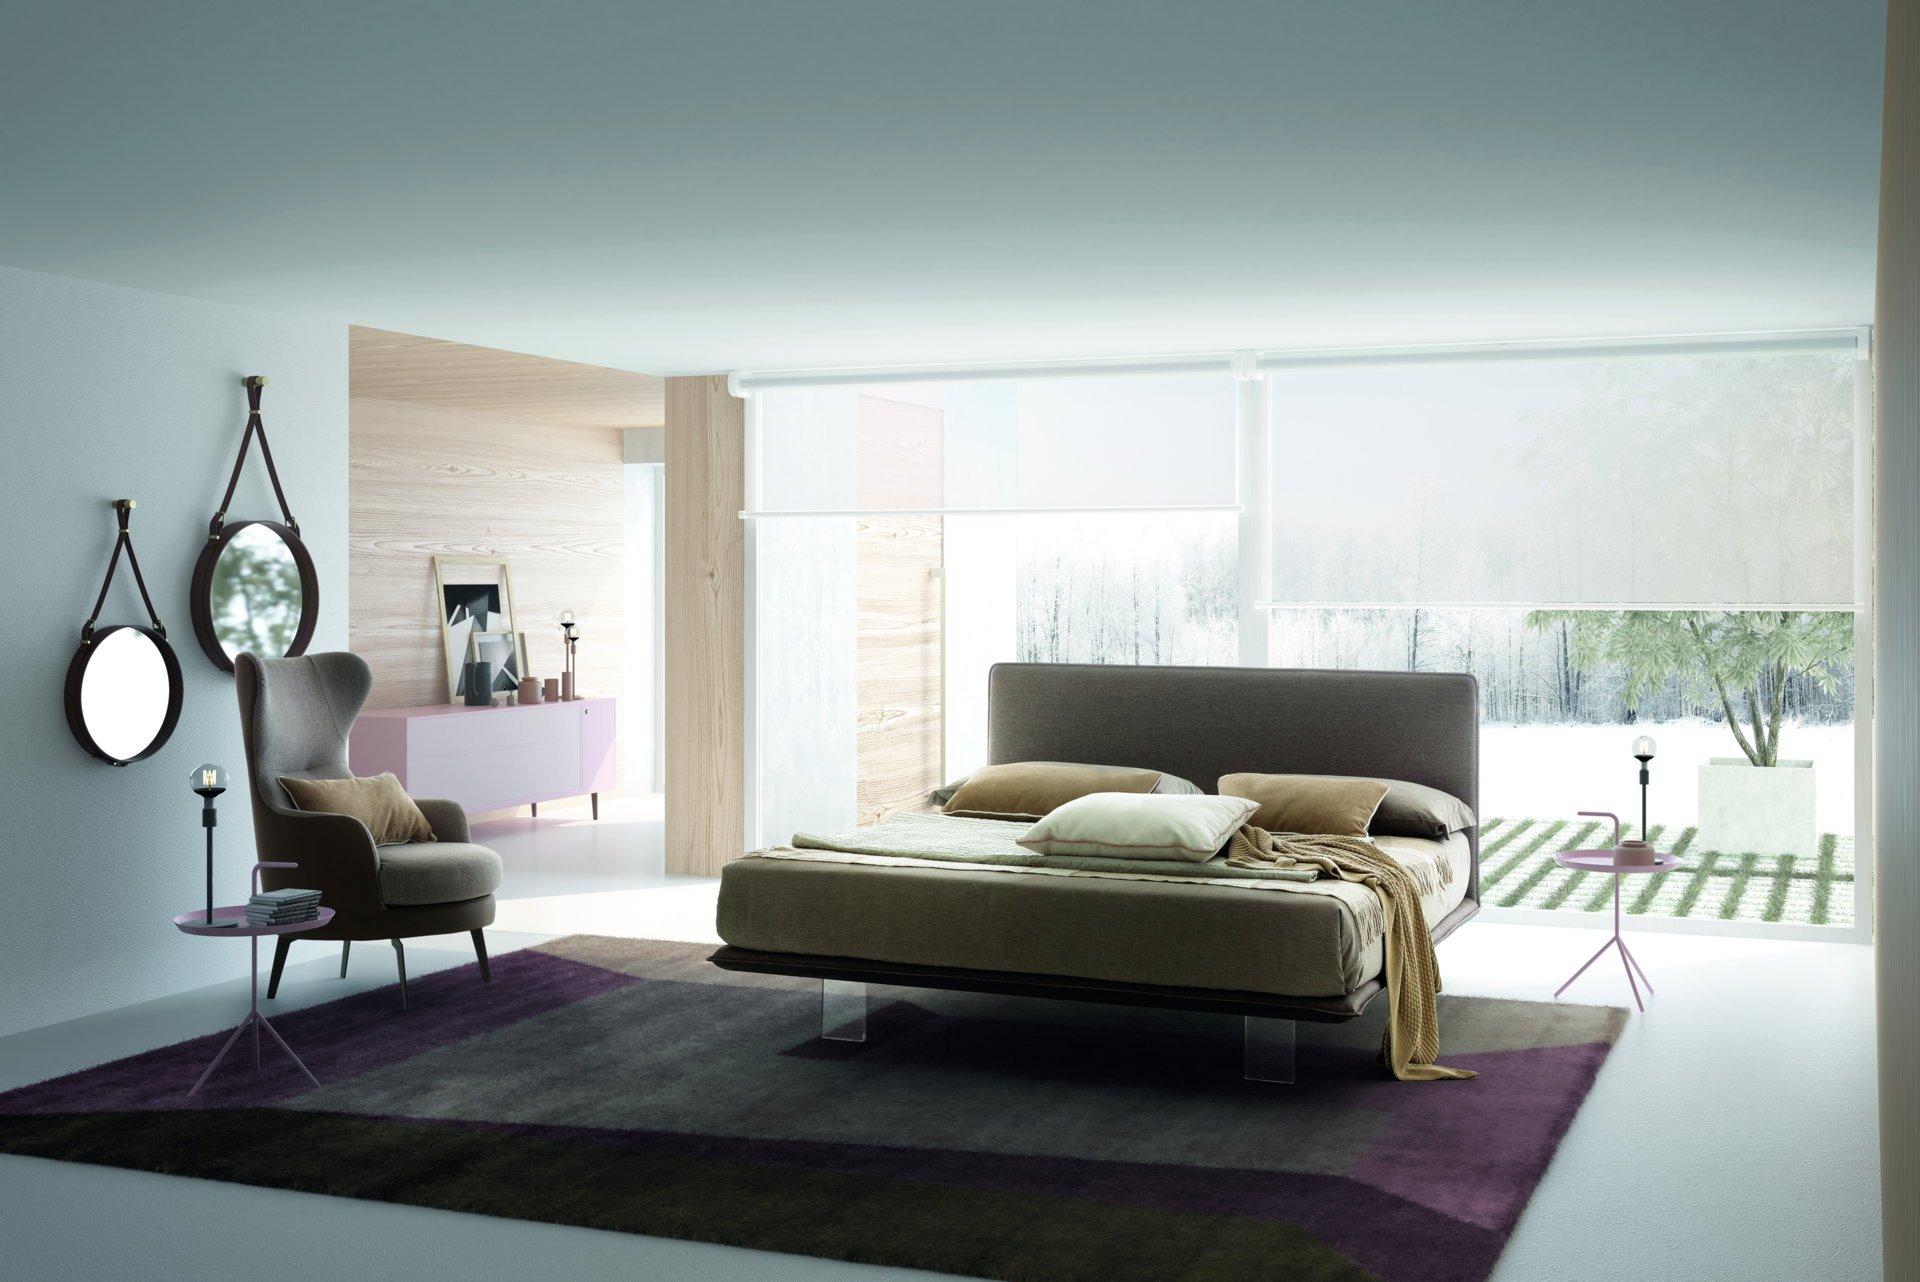 Camere da letto arredamenti riuniti for Camere da letto giapponesi